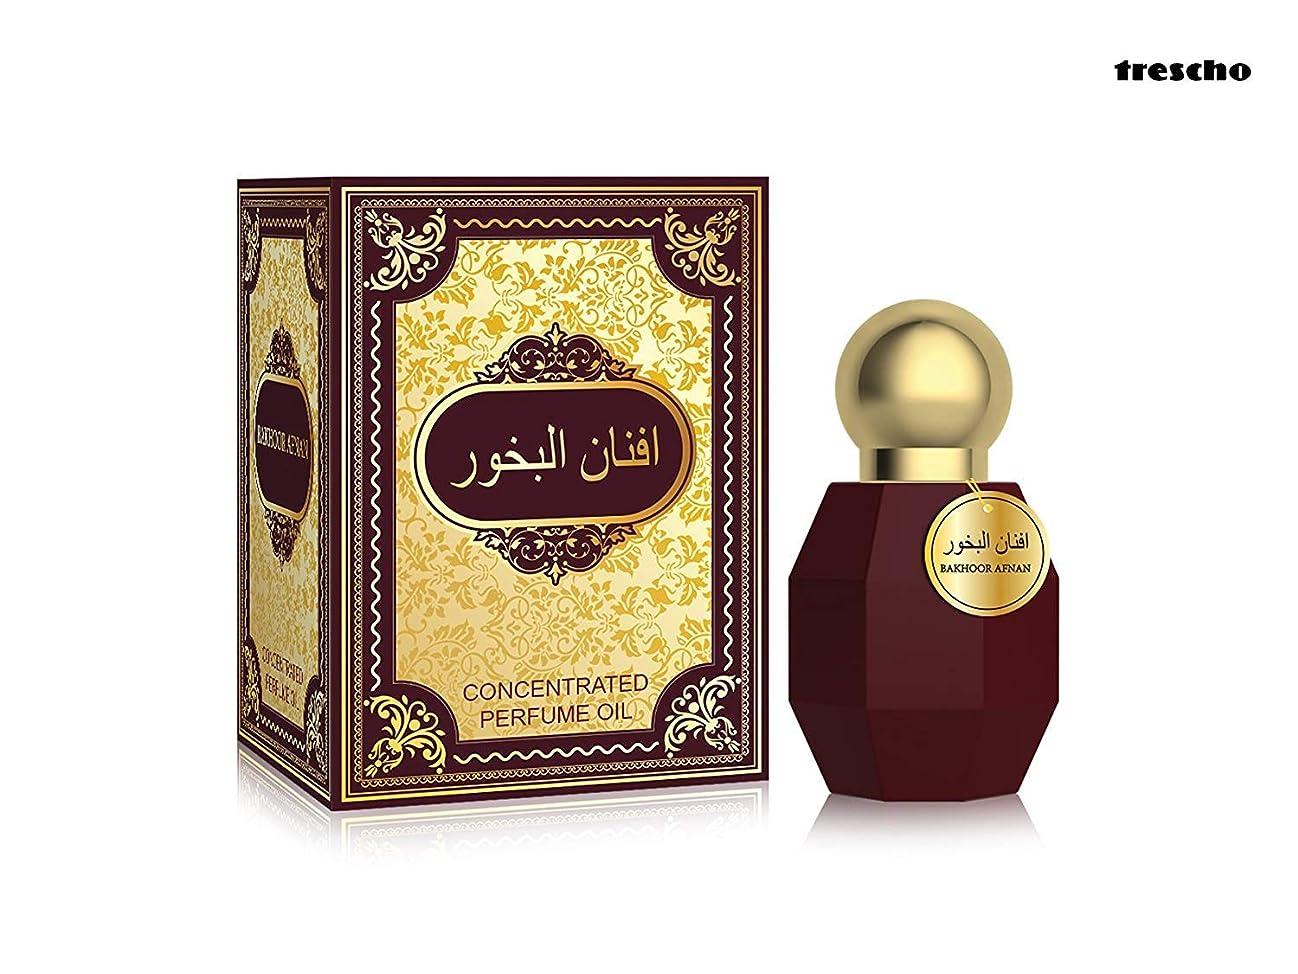 不測の事態交通不完全香水Bakhoor Afnanアター(Ittar)で20ミリリットルロール|アターITRA最高品質の香水長持ちアタースプレー